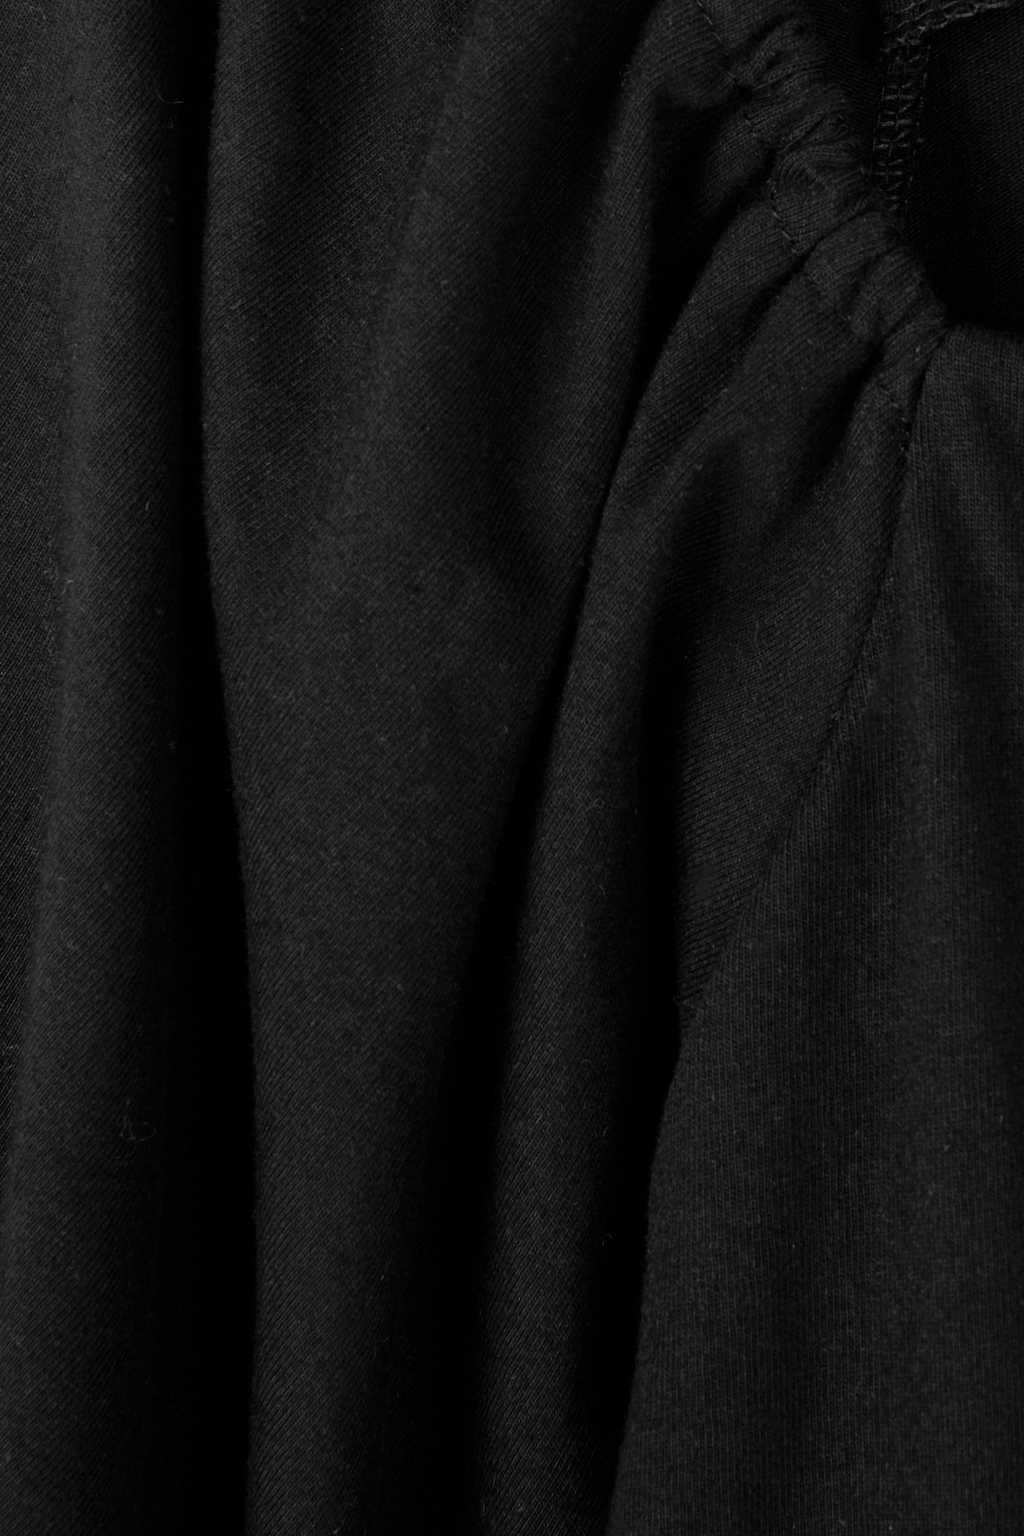 TShirt K138 Black 8